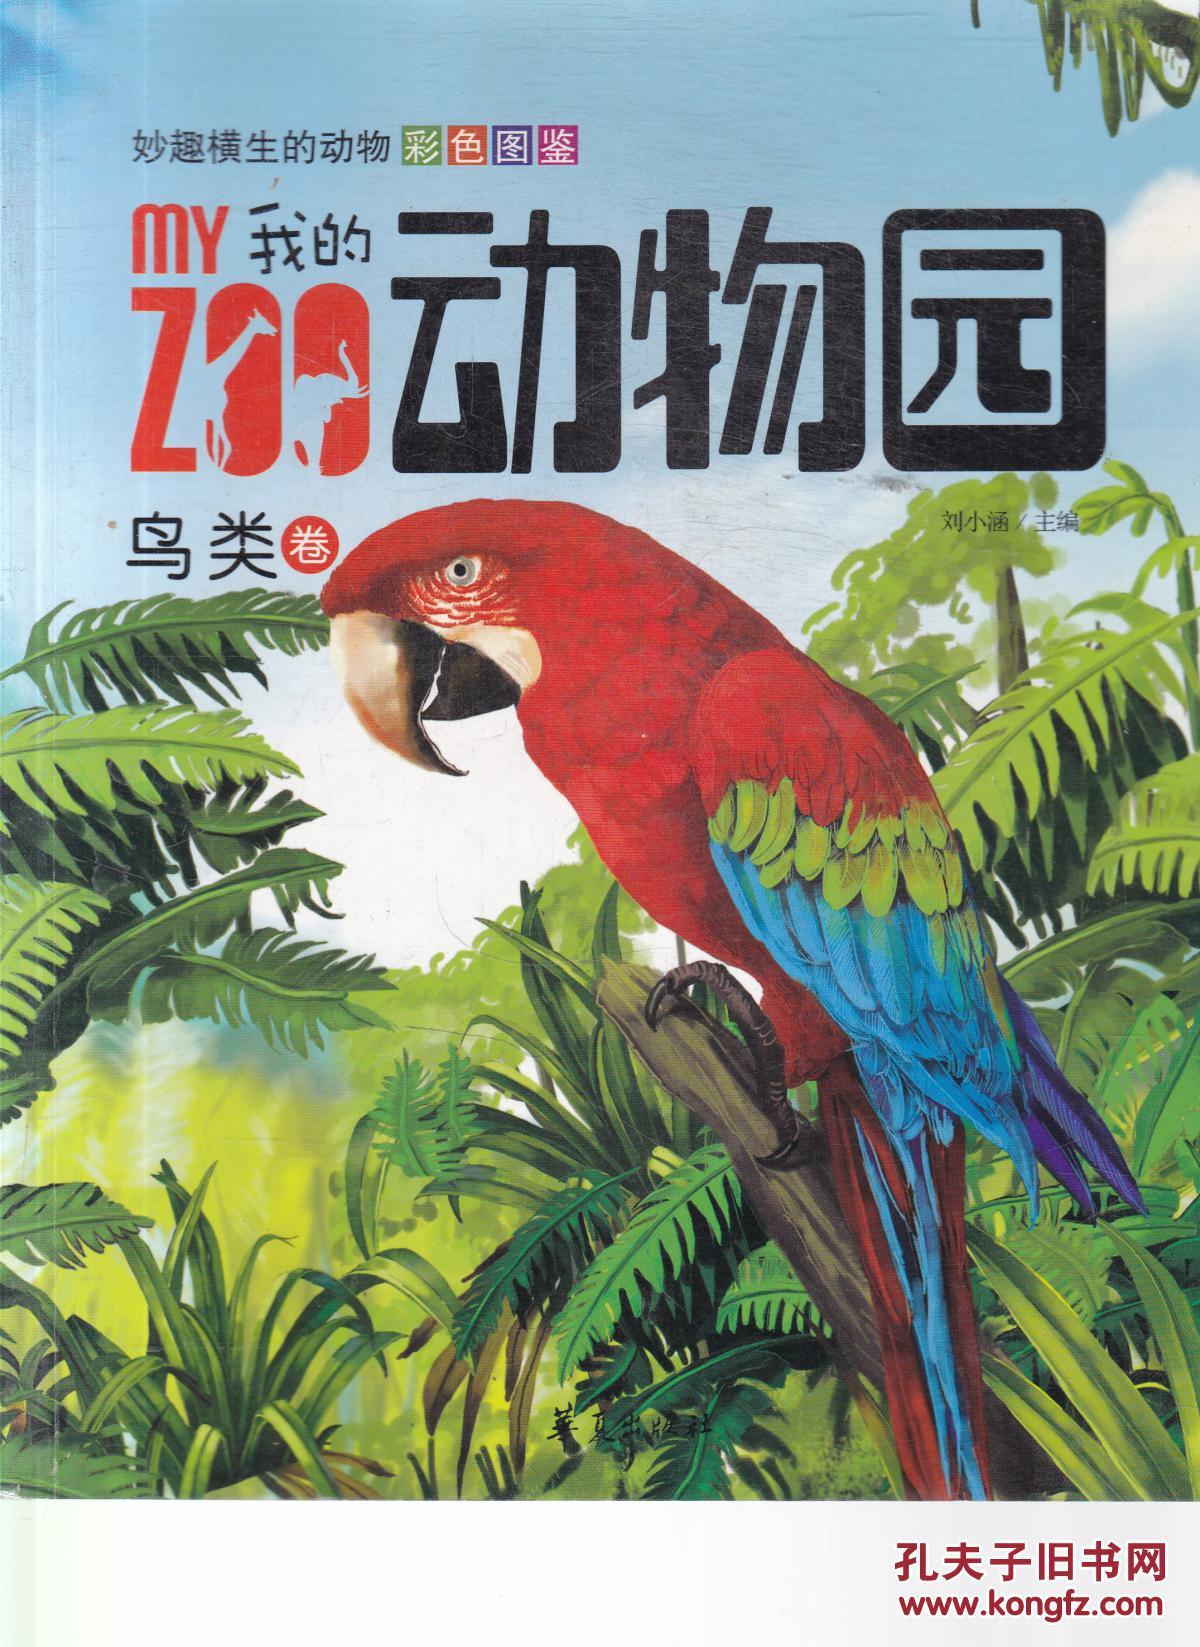 我的动物园:鸟类卷/妙趣横生的动物彩色图鉴